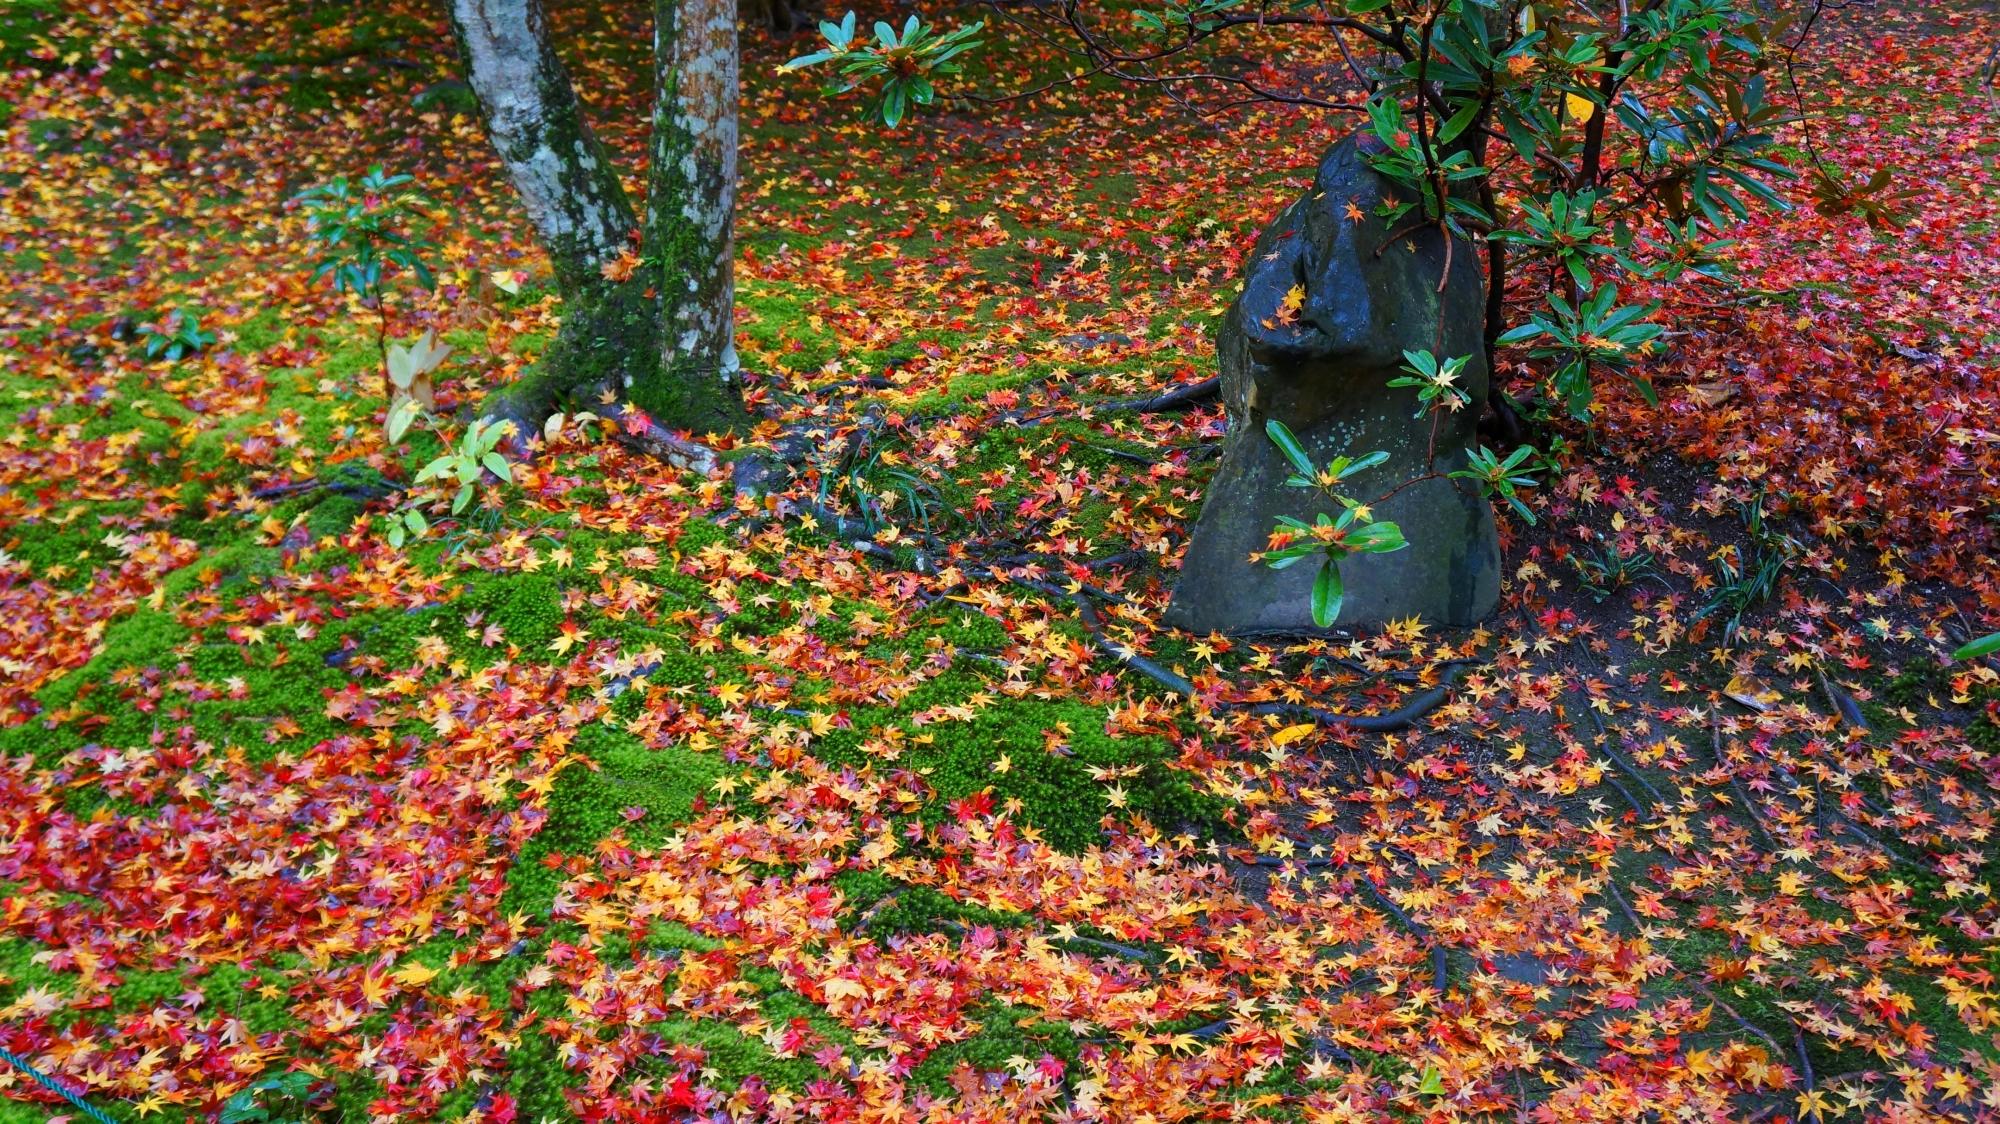 緑の苔に映える赤や黄色の散紅葉